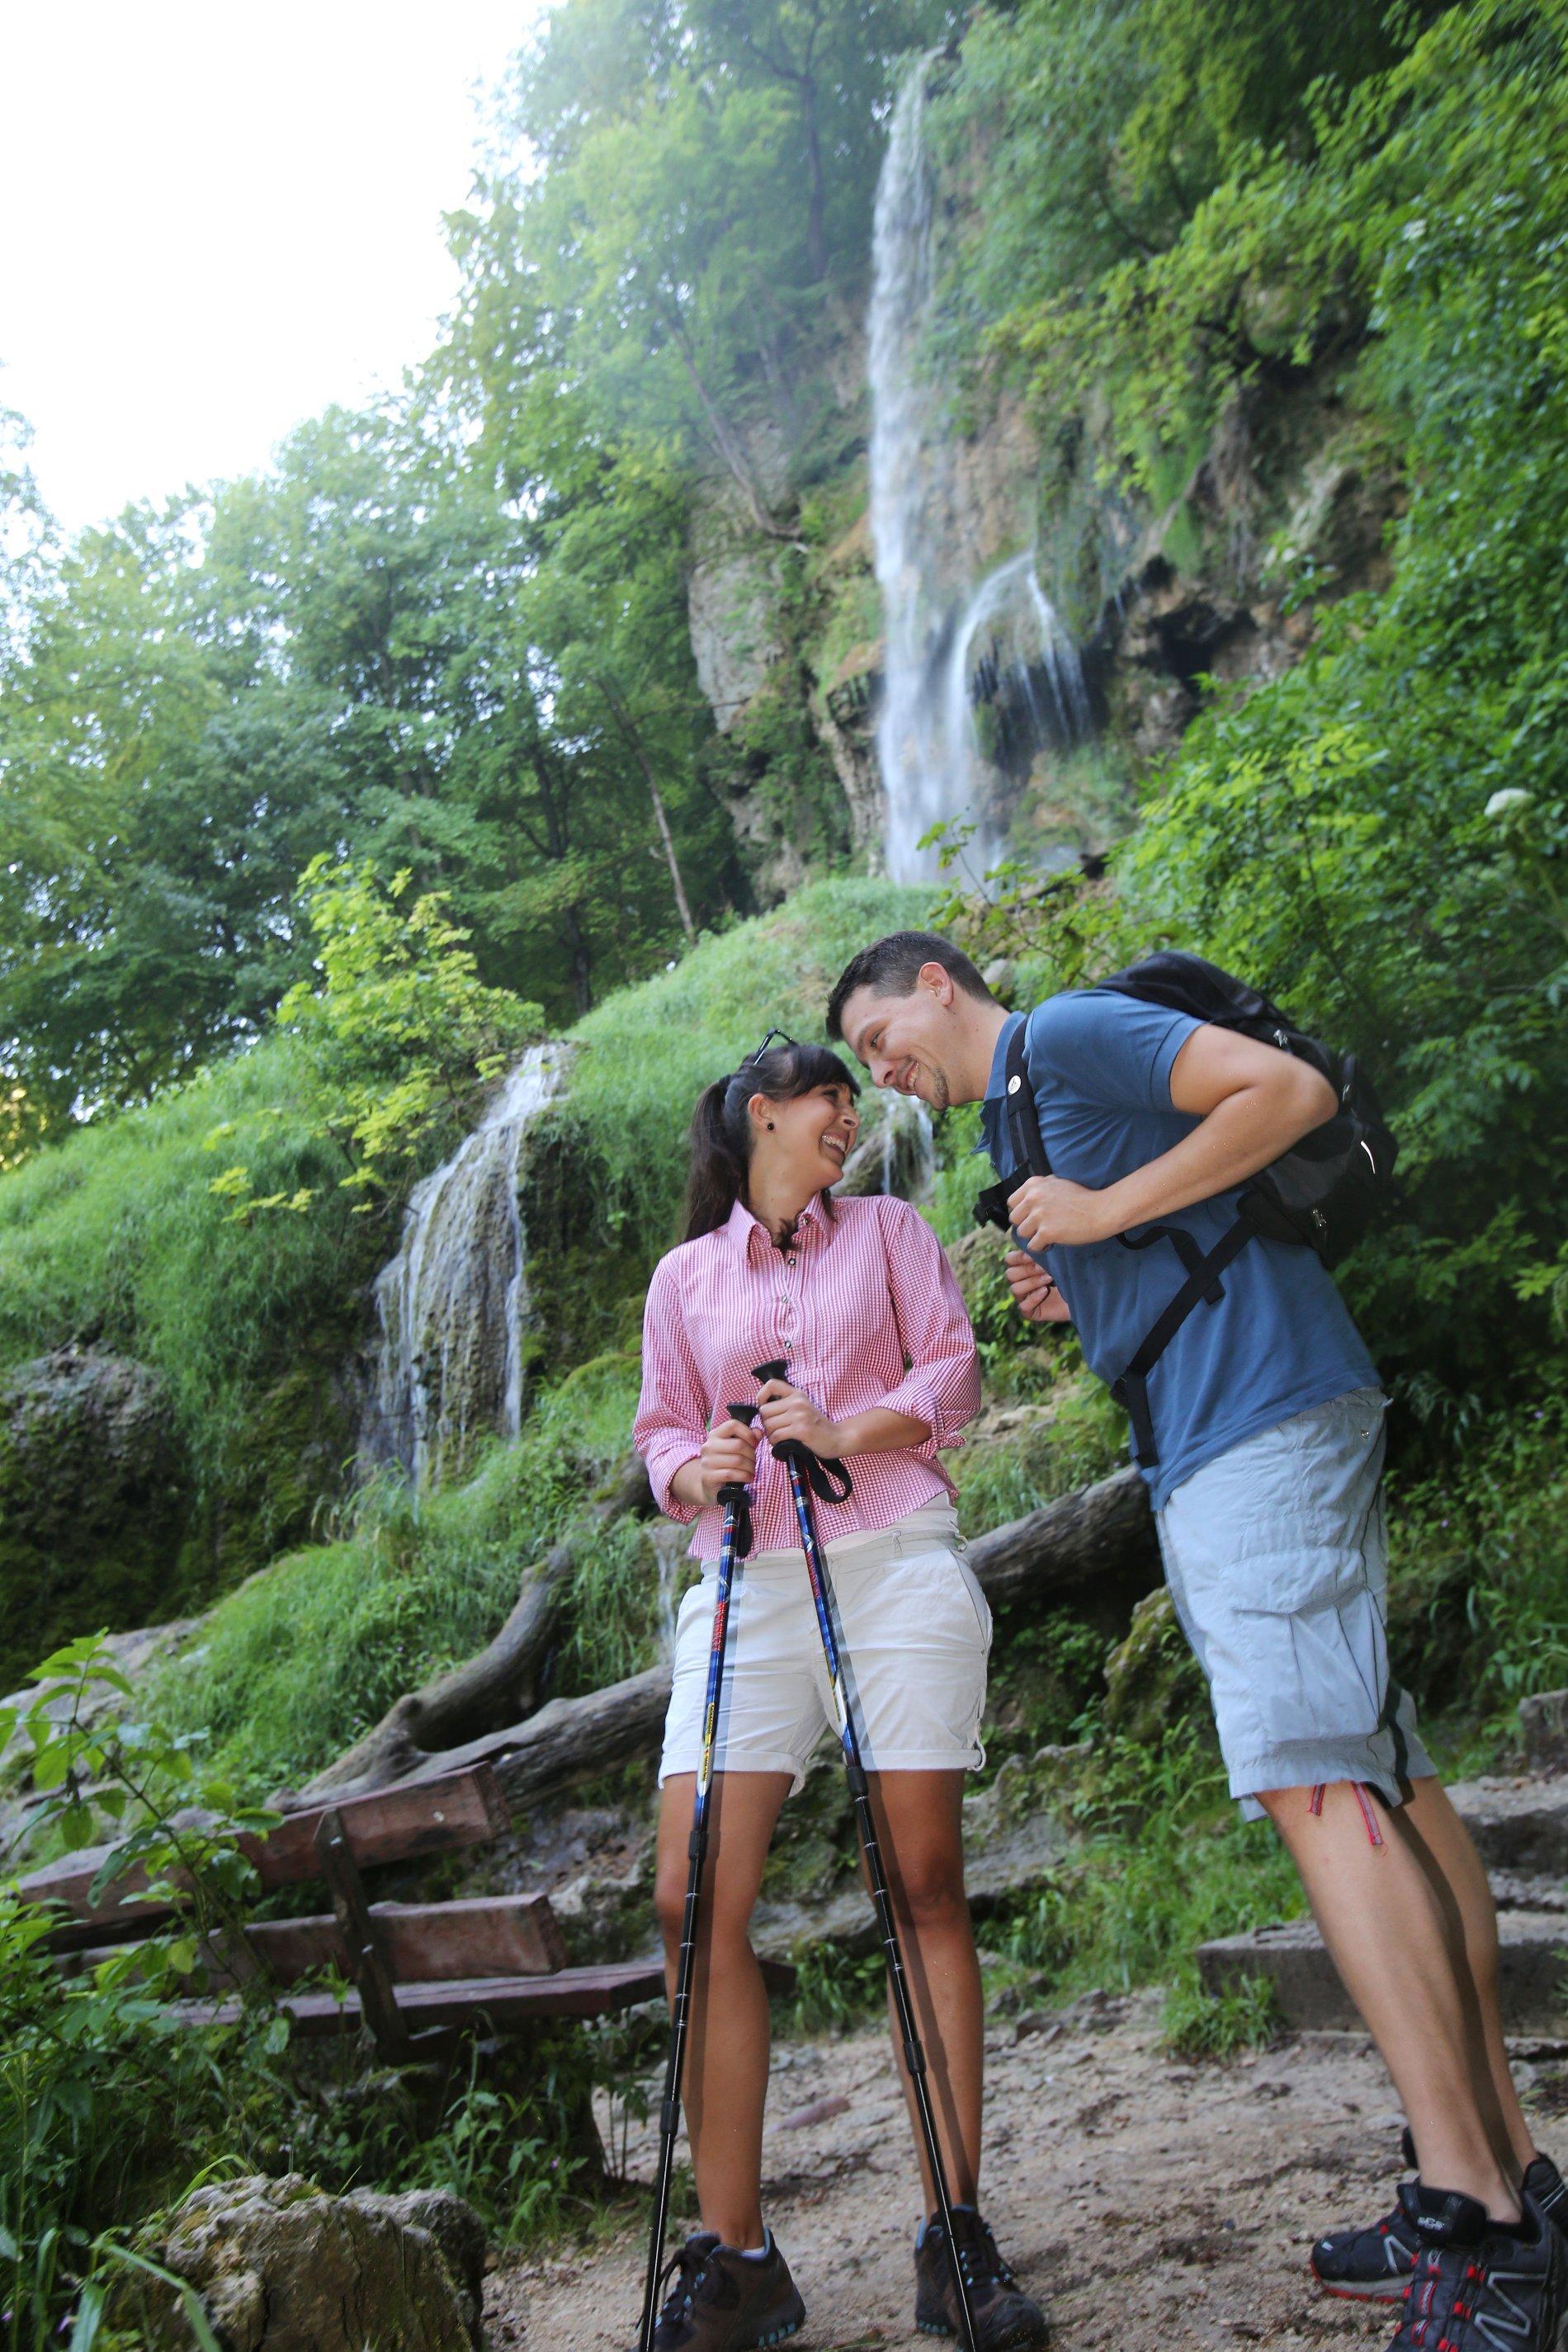 Der Weg führt am Wasserfall vorbei